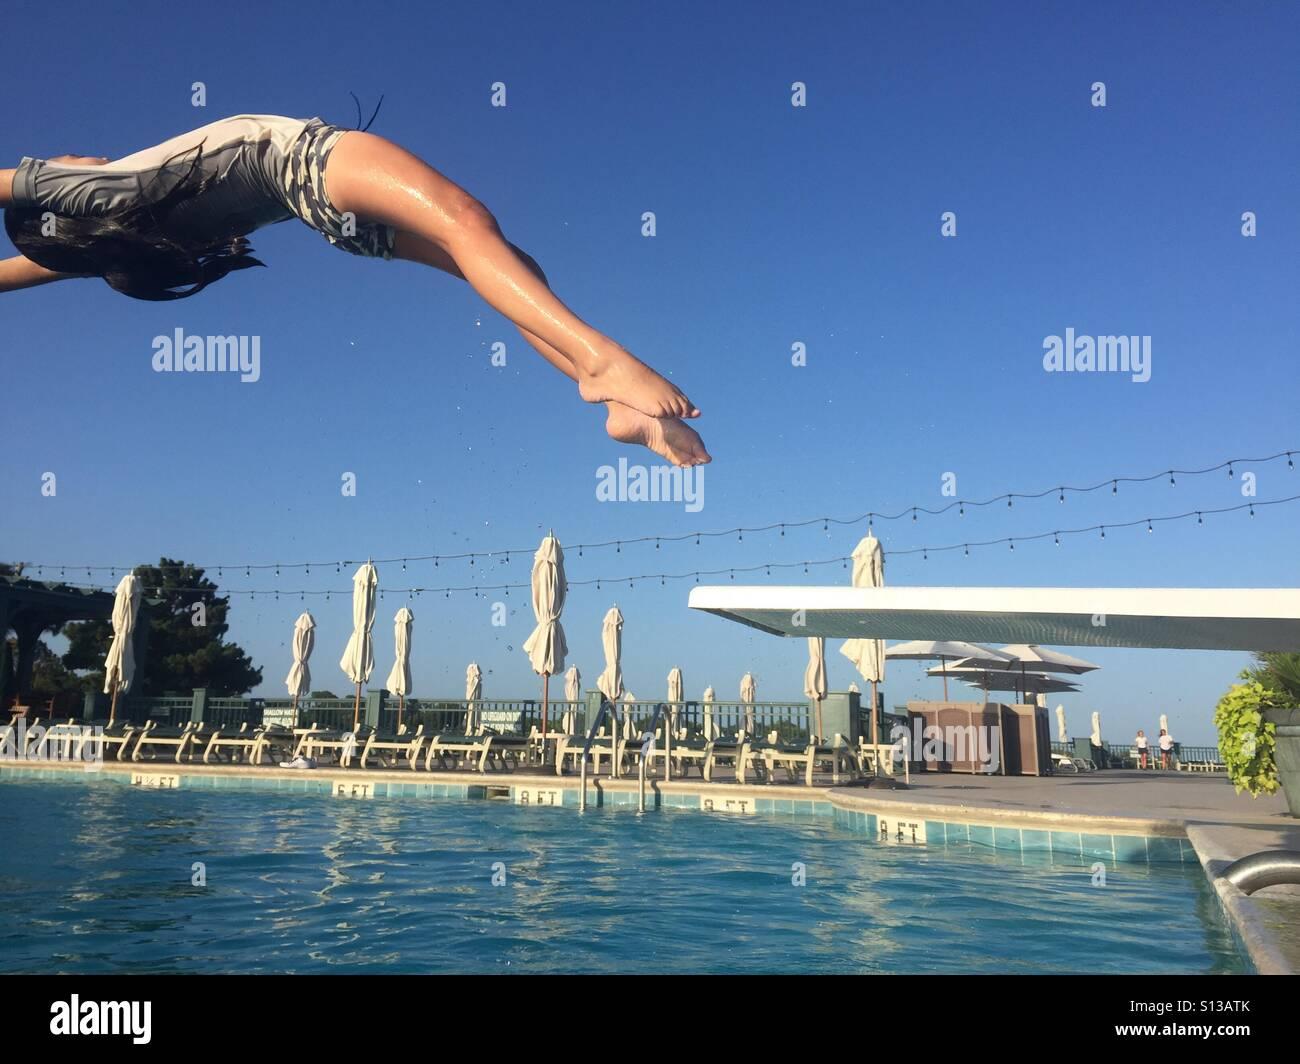 Ein Kind taucht anmutig und rückwärts ein Sprungbrett in einen blauen Pool. Stockbild